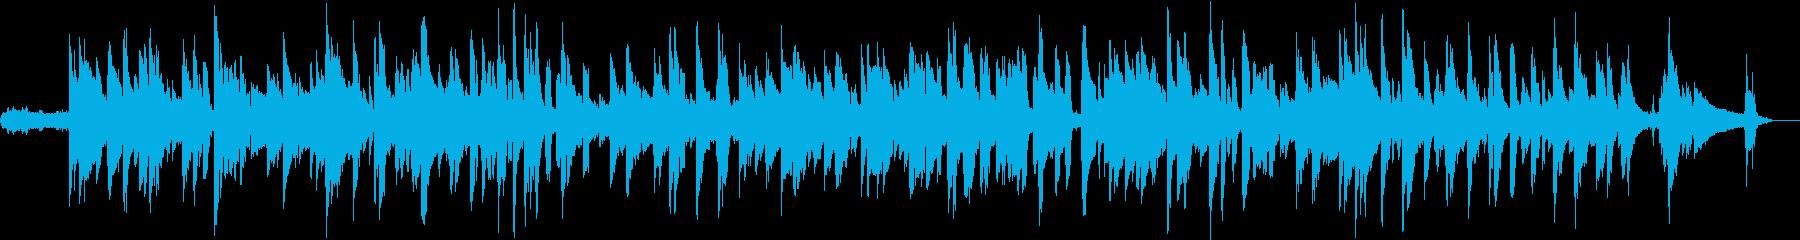 アコースティックギターの音が印象的です。の再生済みの波形